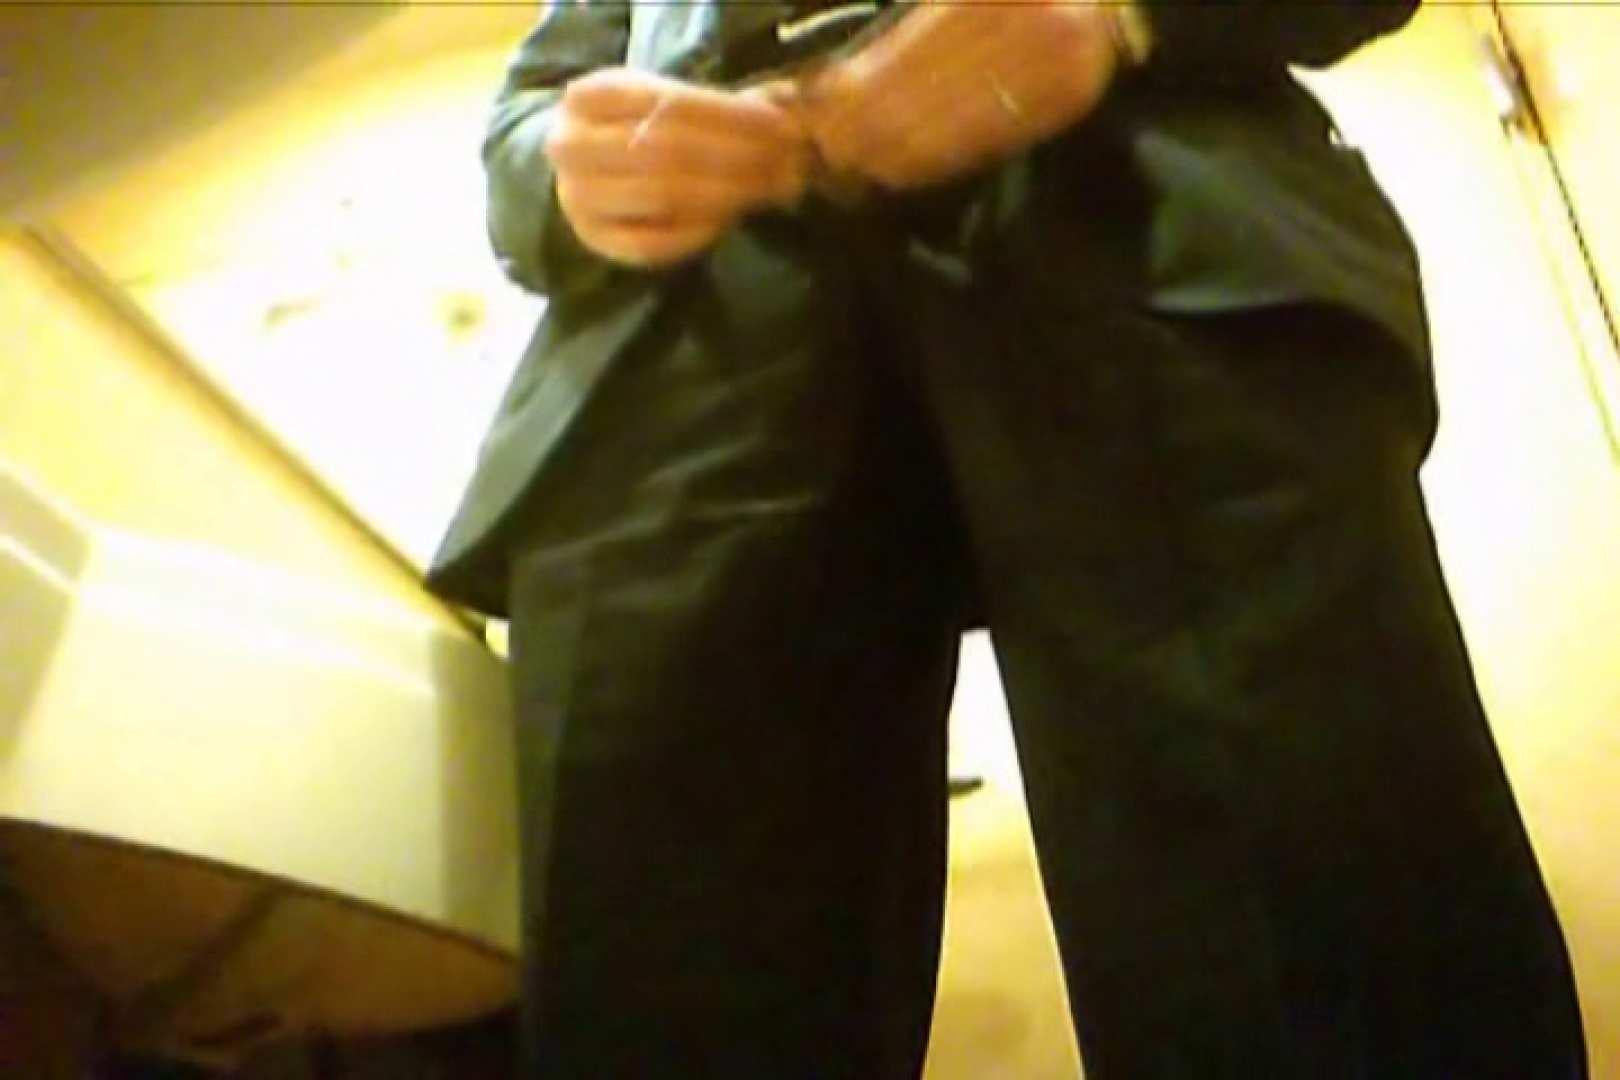 Gボーイ初投稿!掴み取りさんの洗面所覗き!in新幹線!VOL.17 スーツボーイズ | スジ筋系ボーイズ  104pic 26